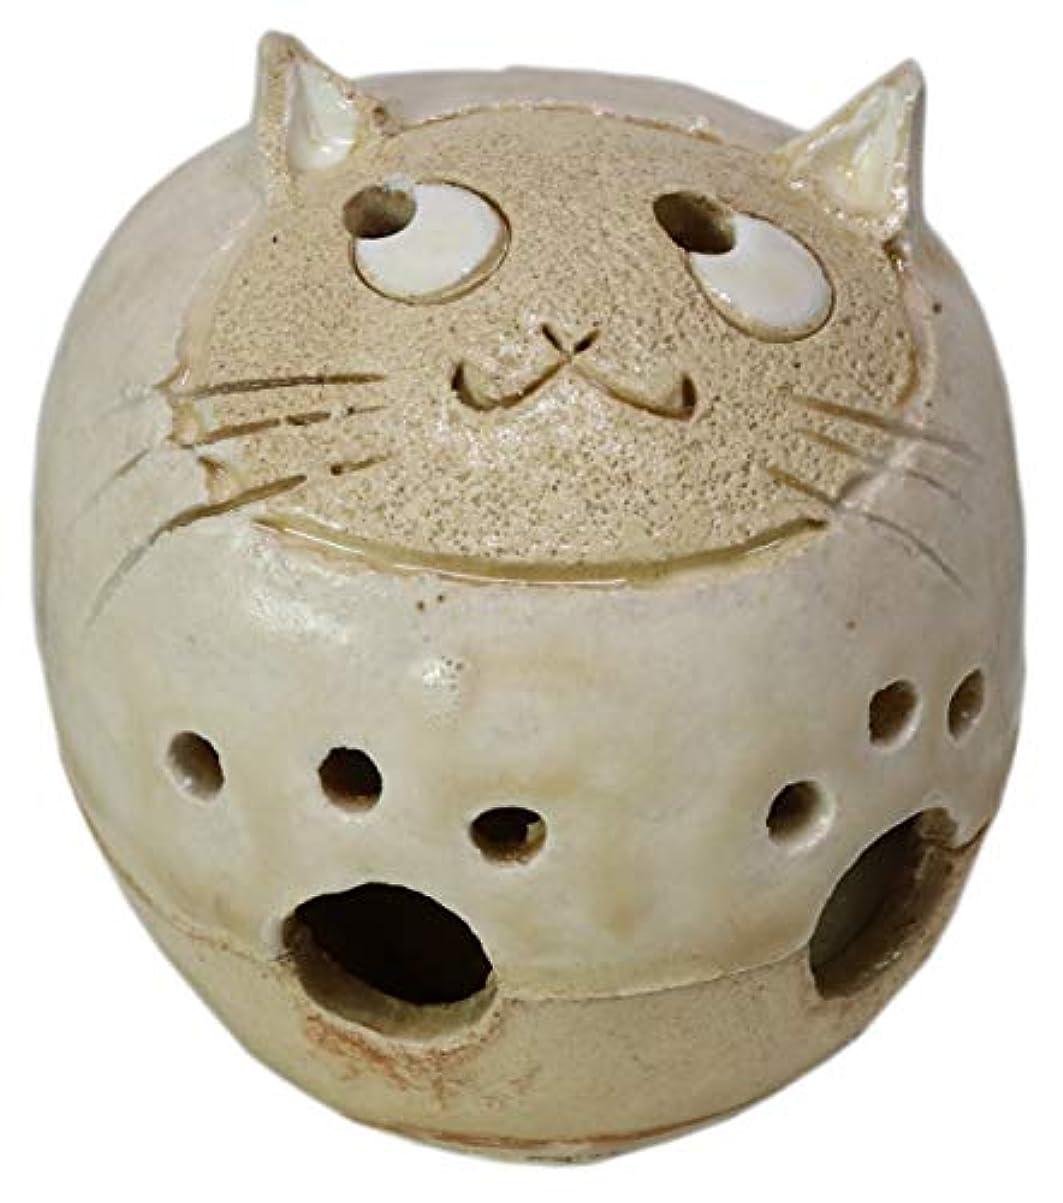 楽しませる番目子猫香炉 丸猫 香炉(小) [H6cm] HANDMADE プレゼント ギフト 和食器 かわいい インテリア